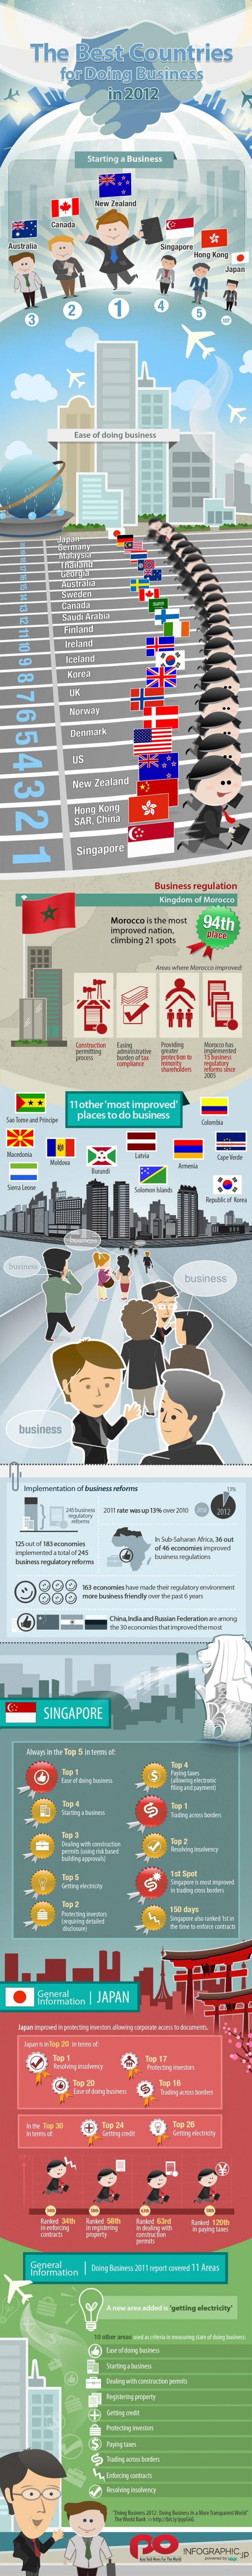 negocios en 2012